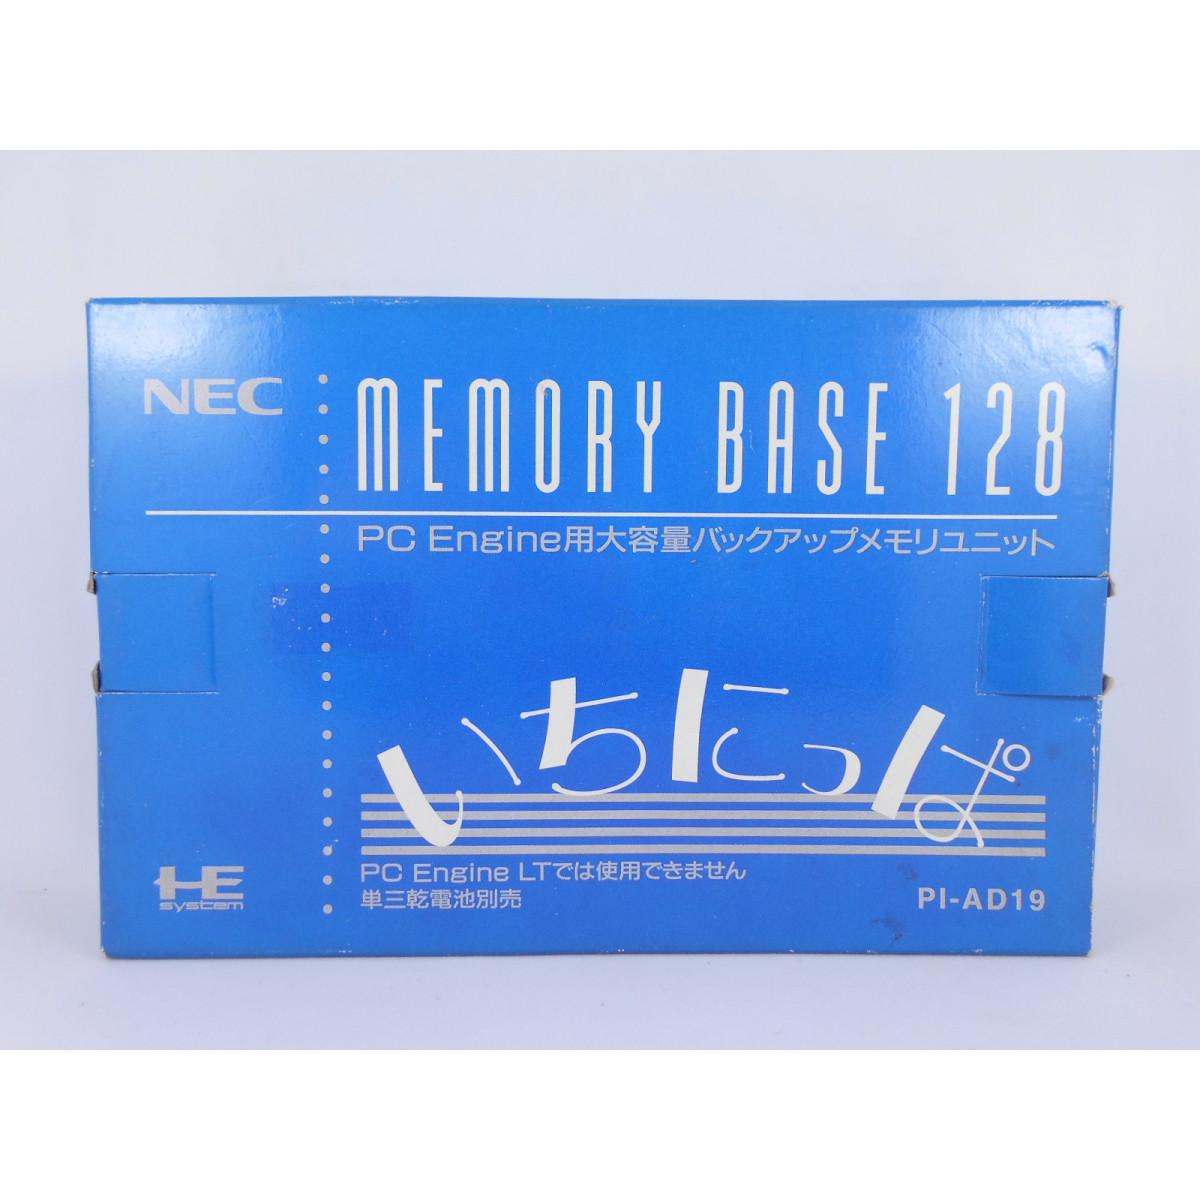 PC Engine Memory Base 128